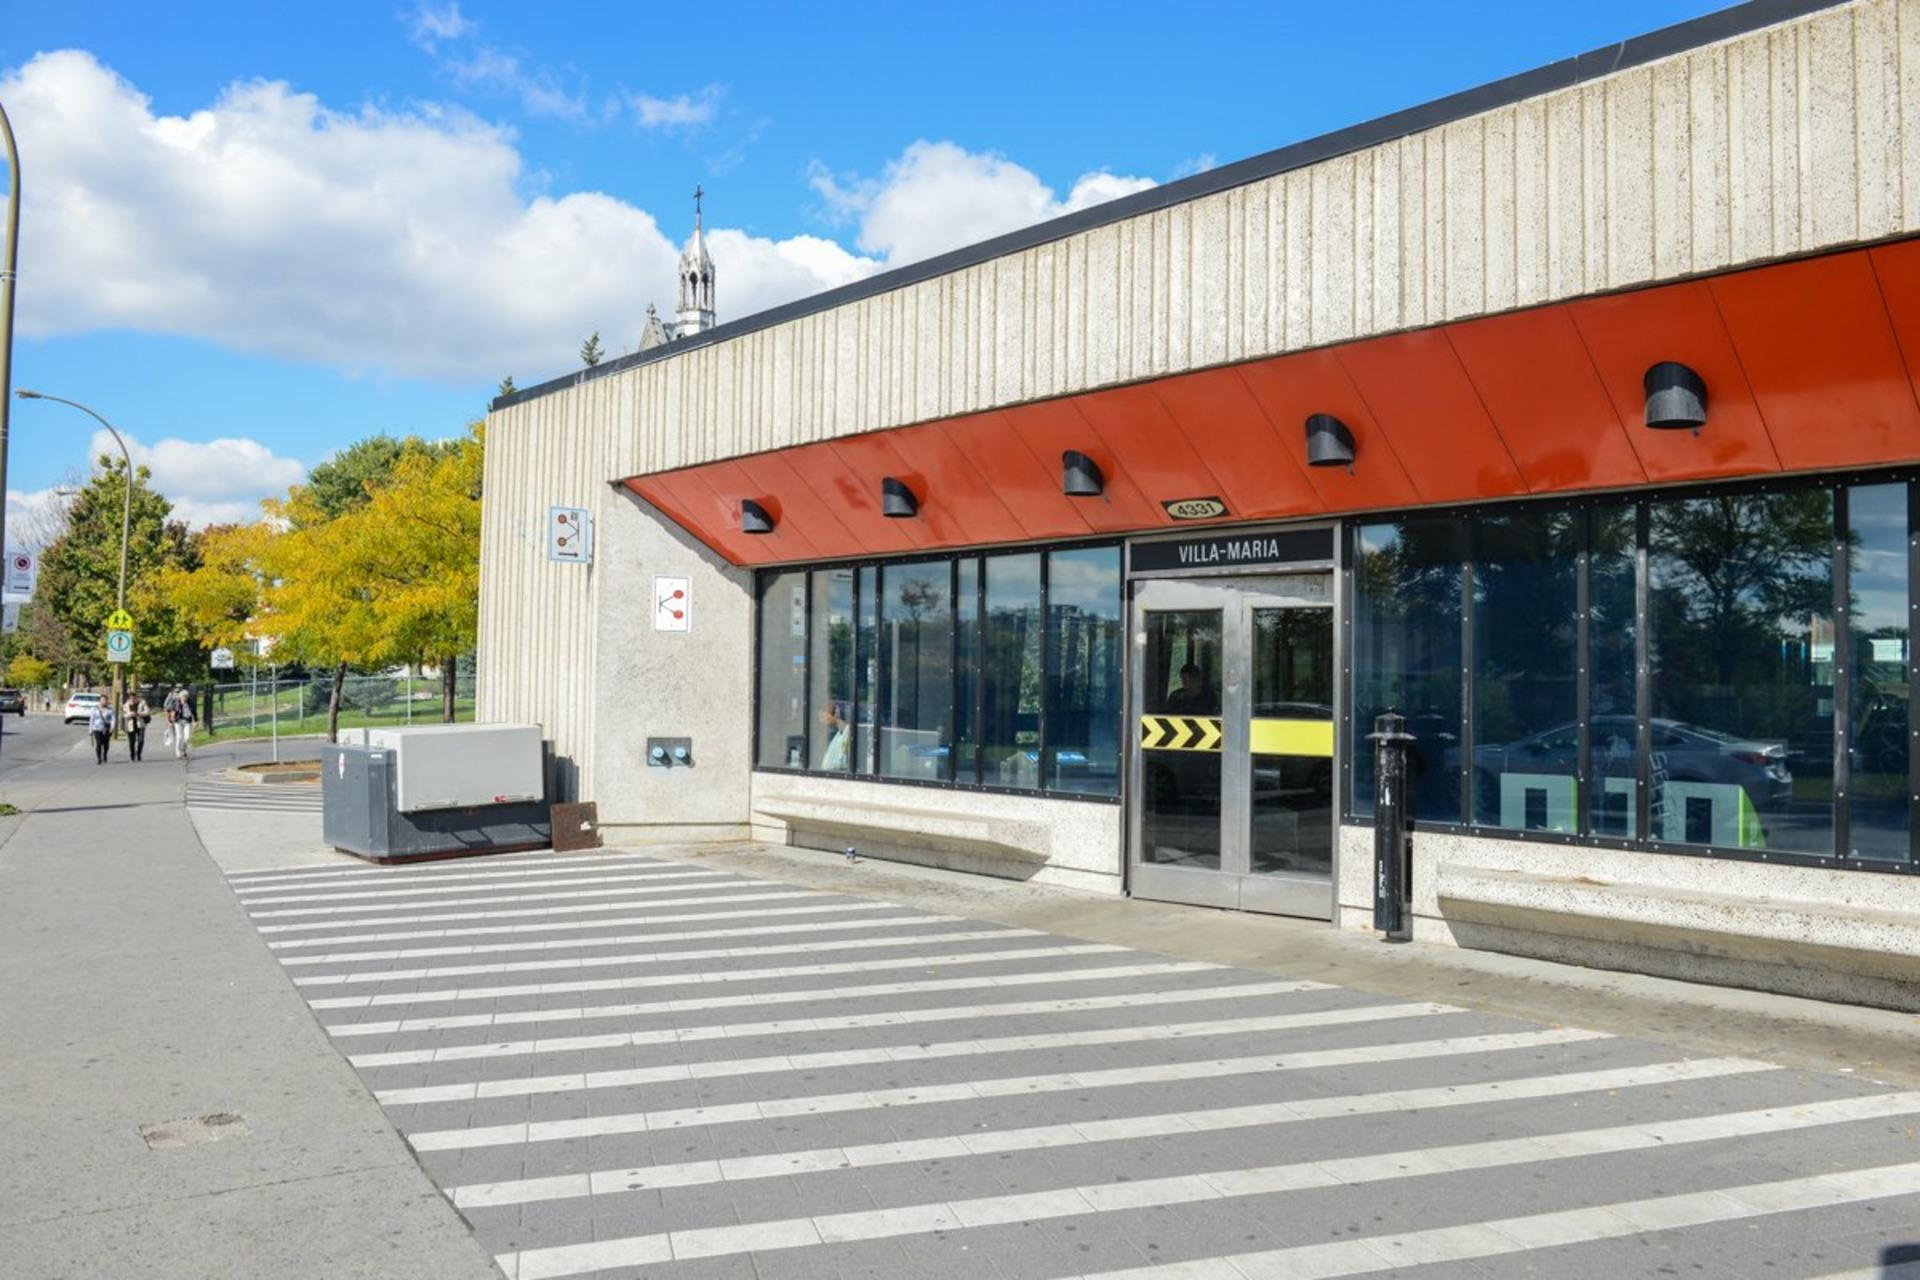 image 14 - Appartement À vendre Côte-des-Neiges/Notre-Dame-de-Grâce Montréal  - 4 pièces